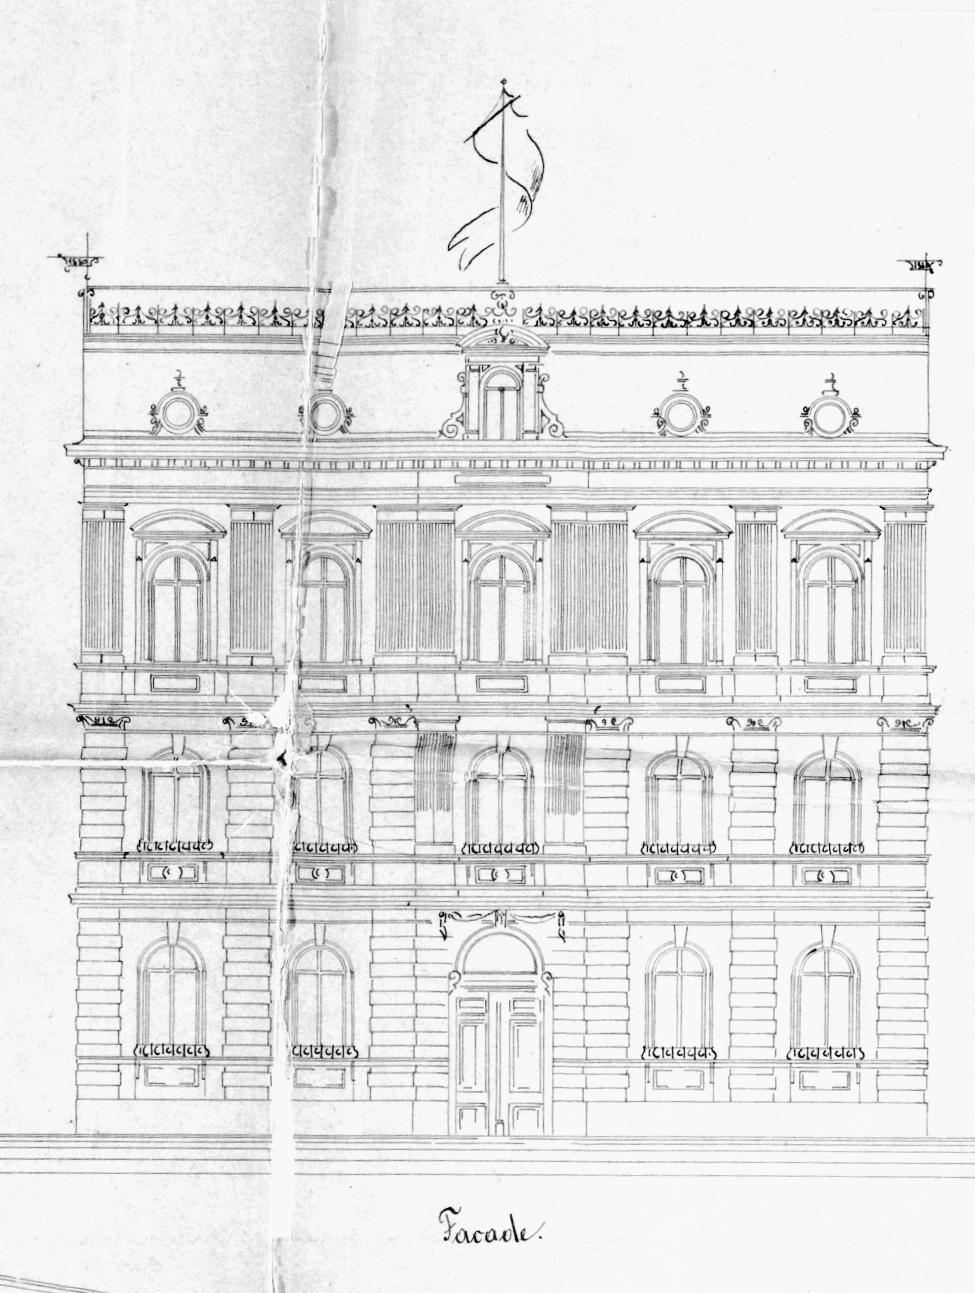 Bauzeichnung eines Gründerzeitlers